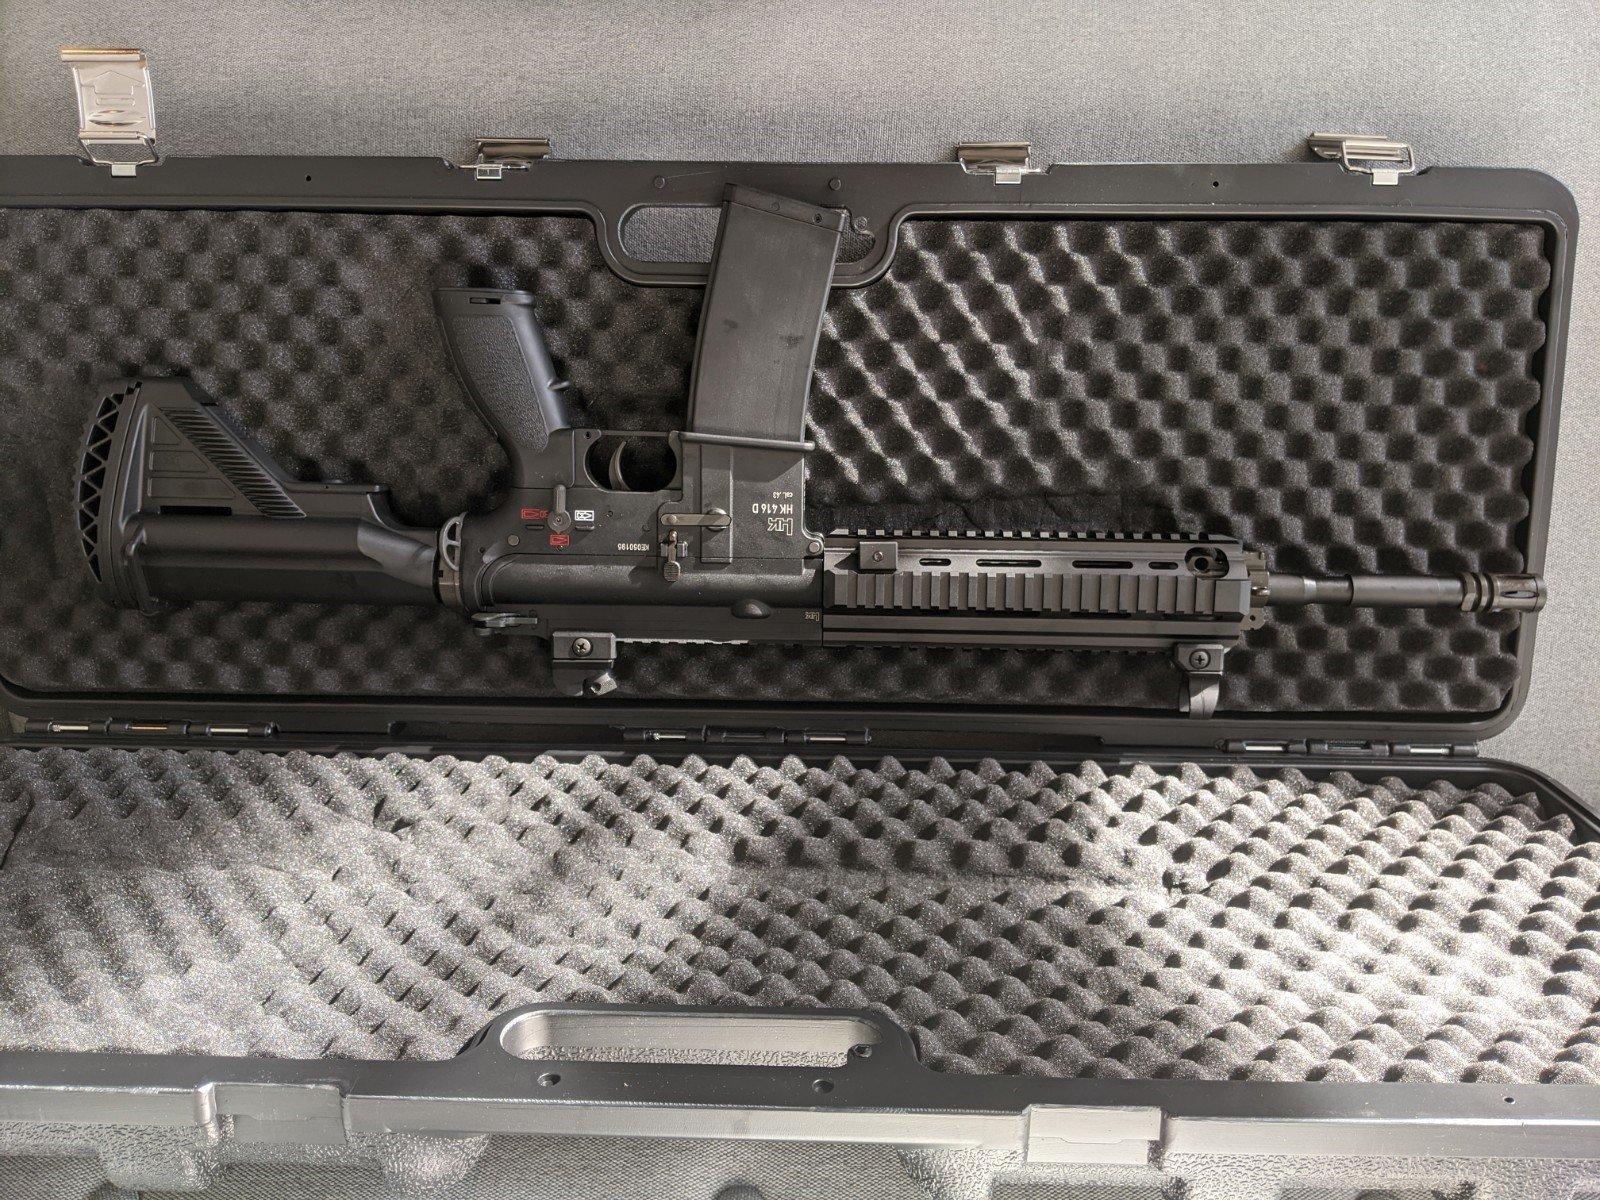 HK 416 Umarex T4E, bon choix ? - Page 2 1575970861-hk416-t4e